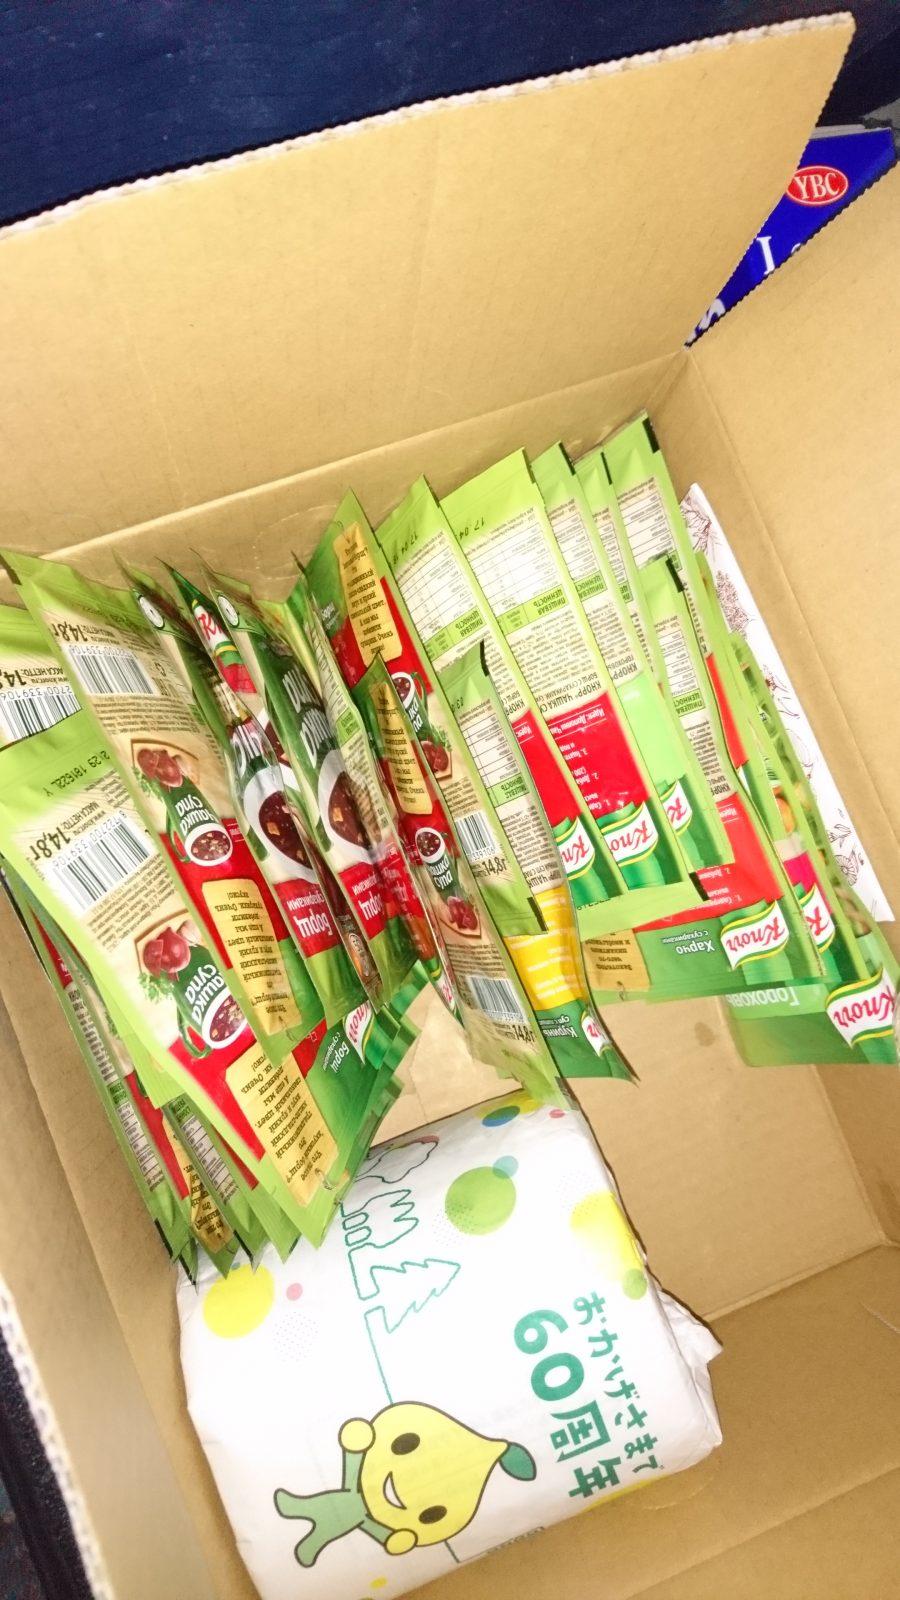 ロシアのスーパーで購入したインスタントのボルシチと日本から持参したトイレットペーパー